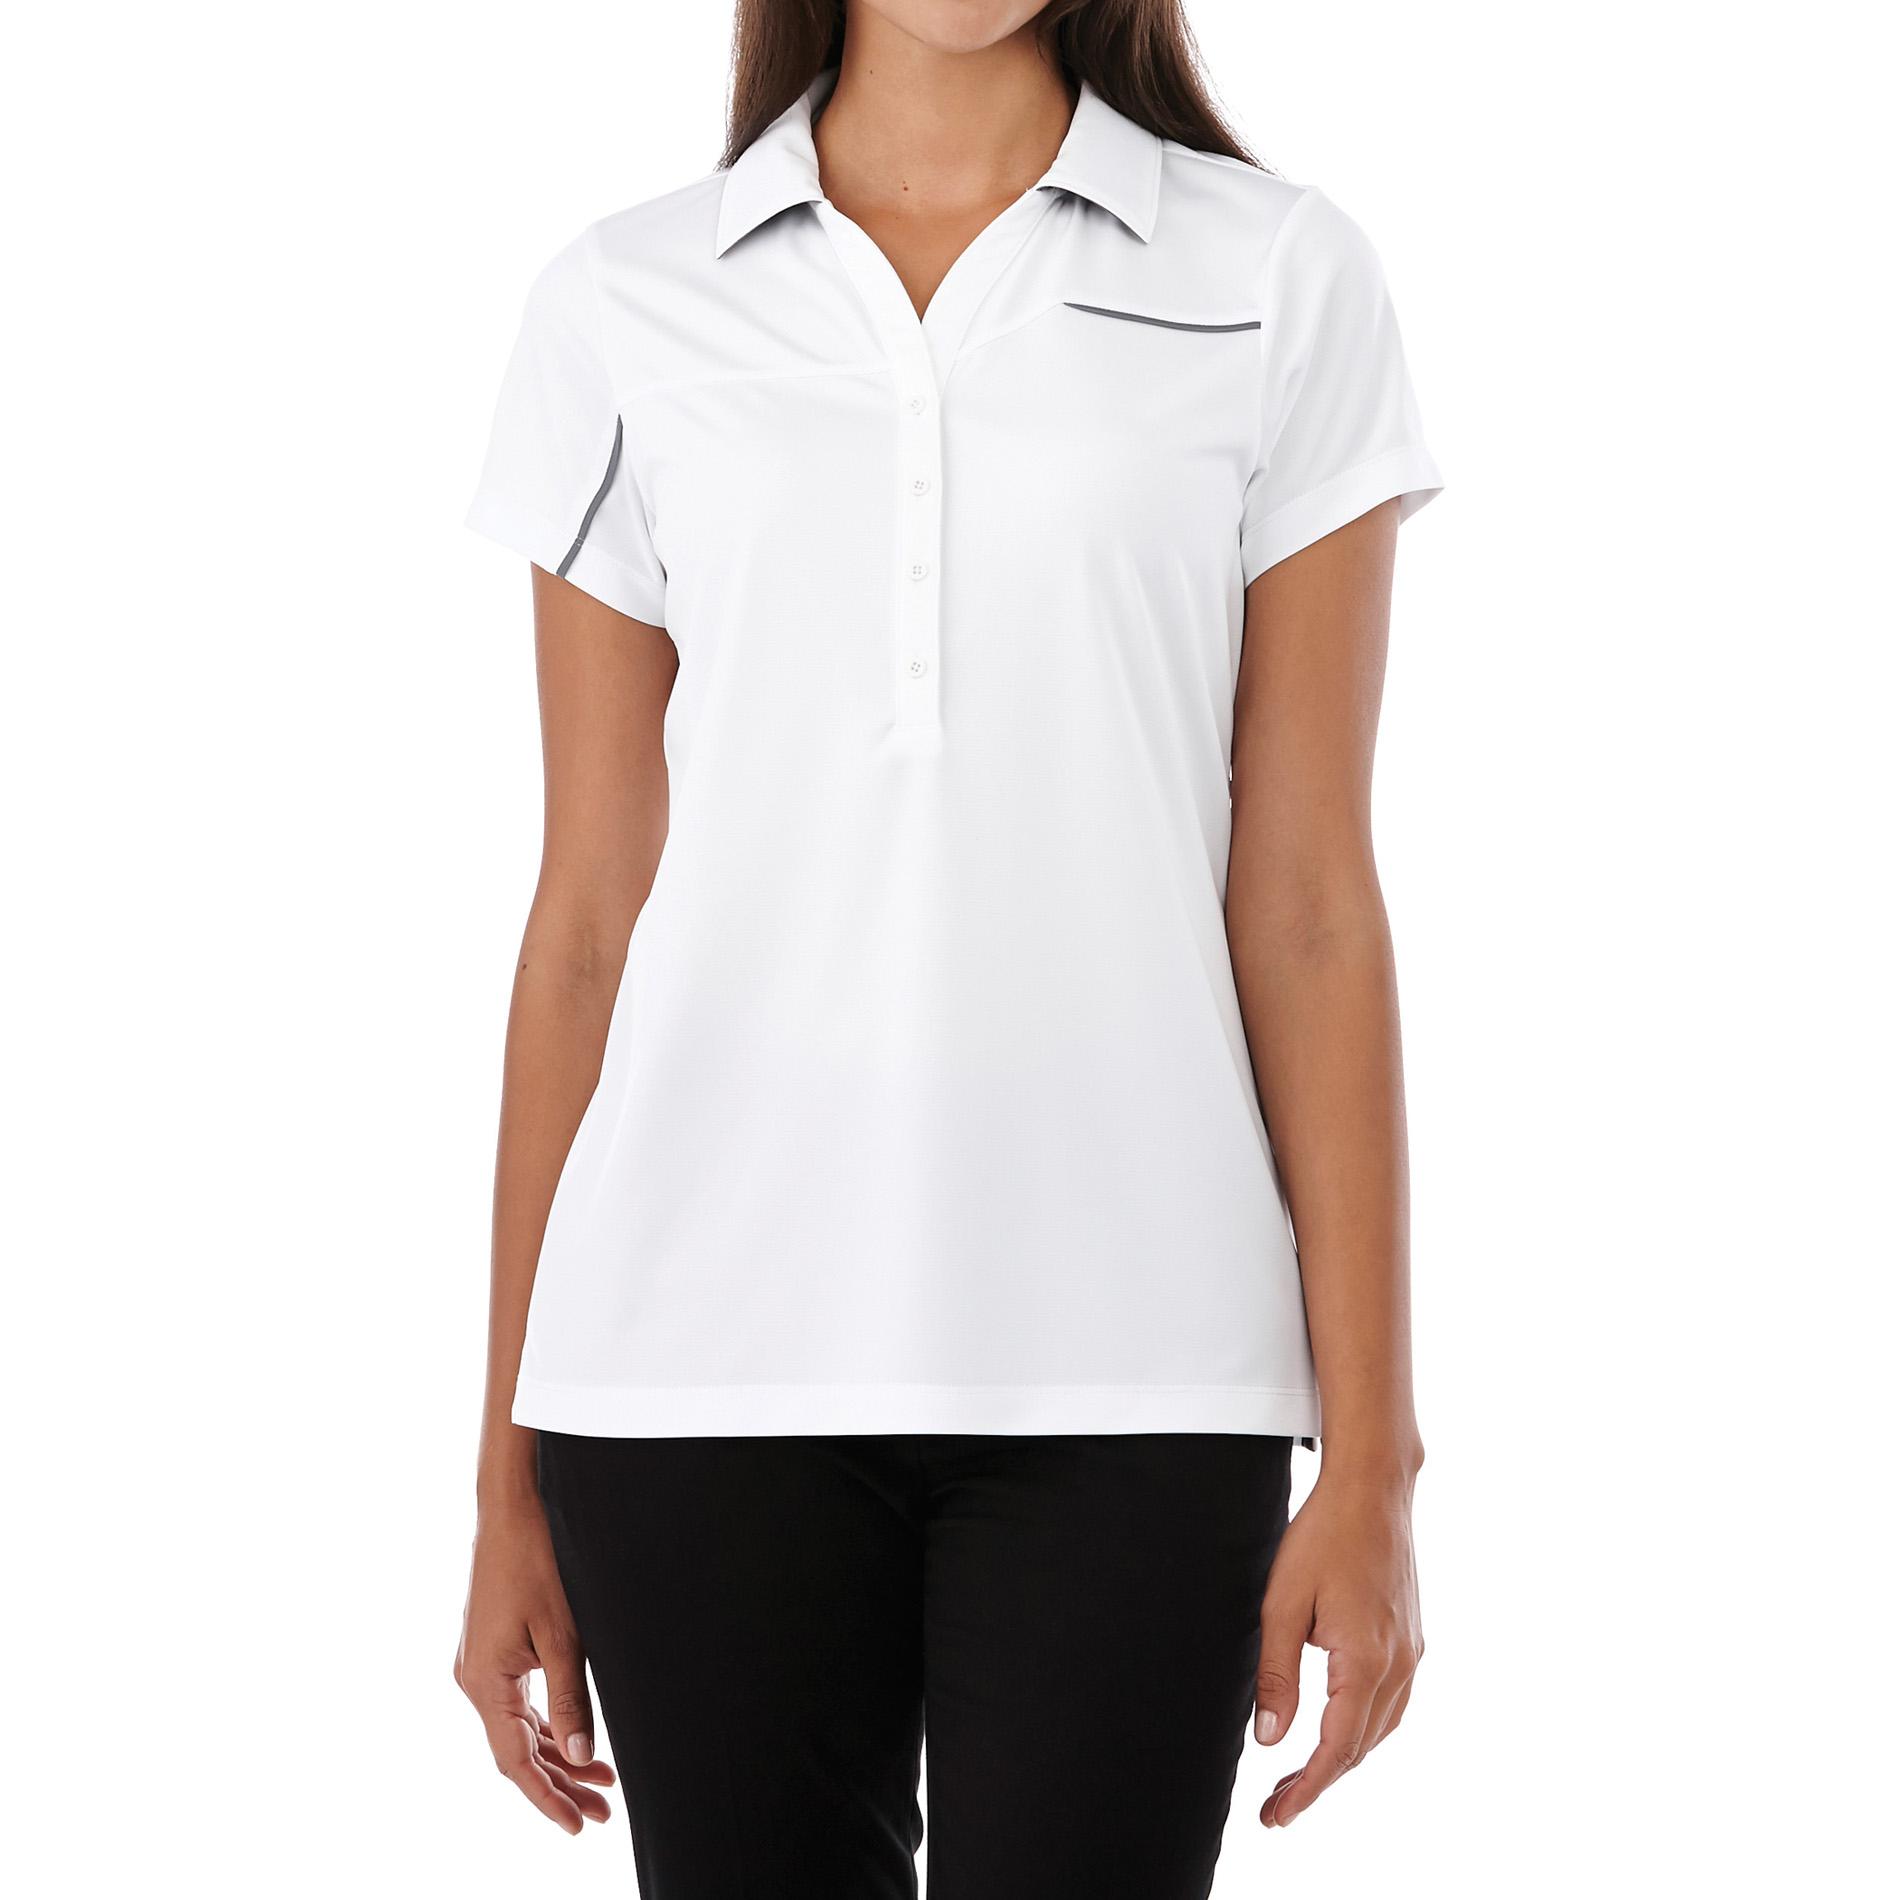 Elevate TM96309 - Women's WILCOX Short Sleeve Polo